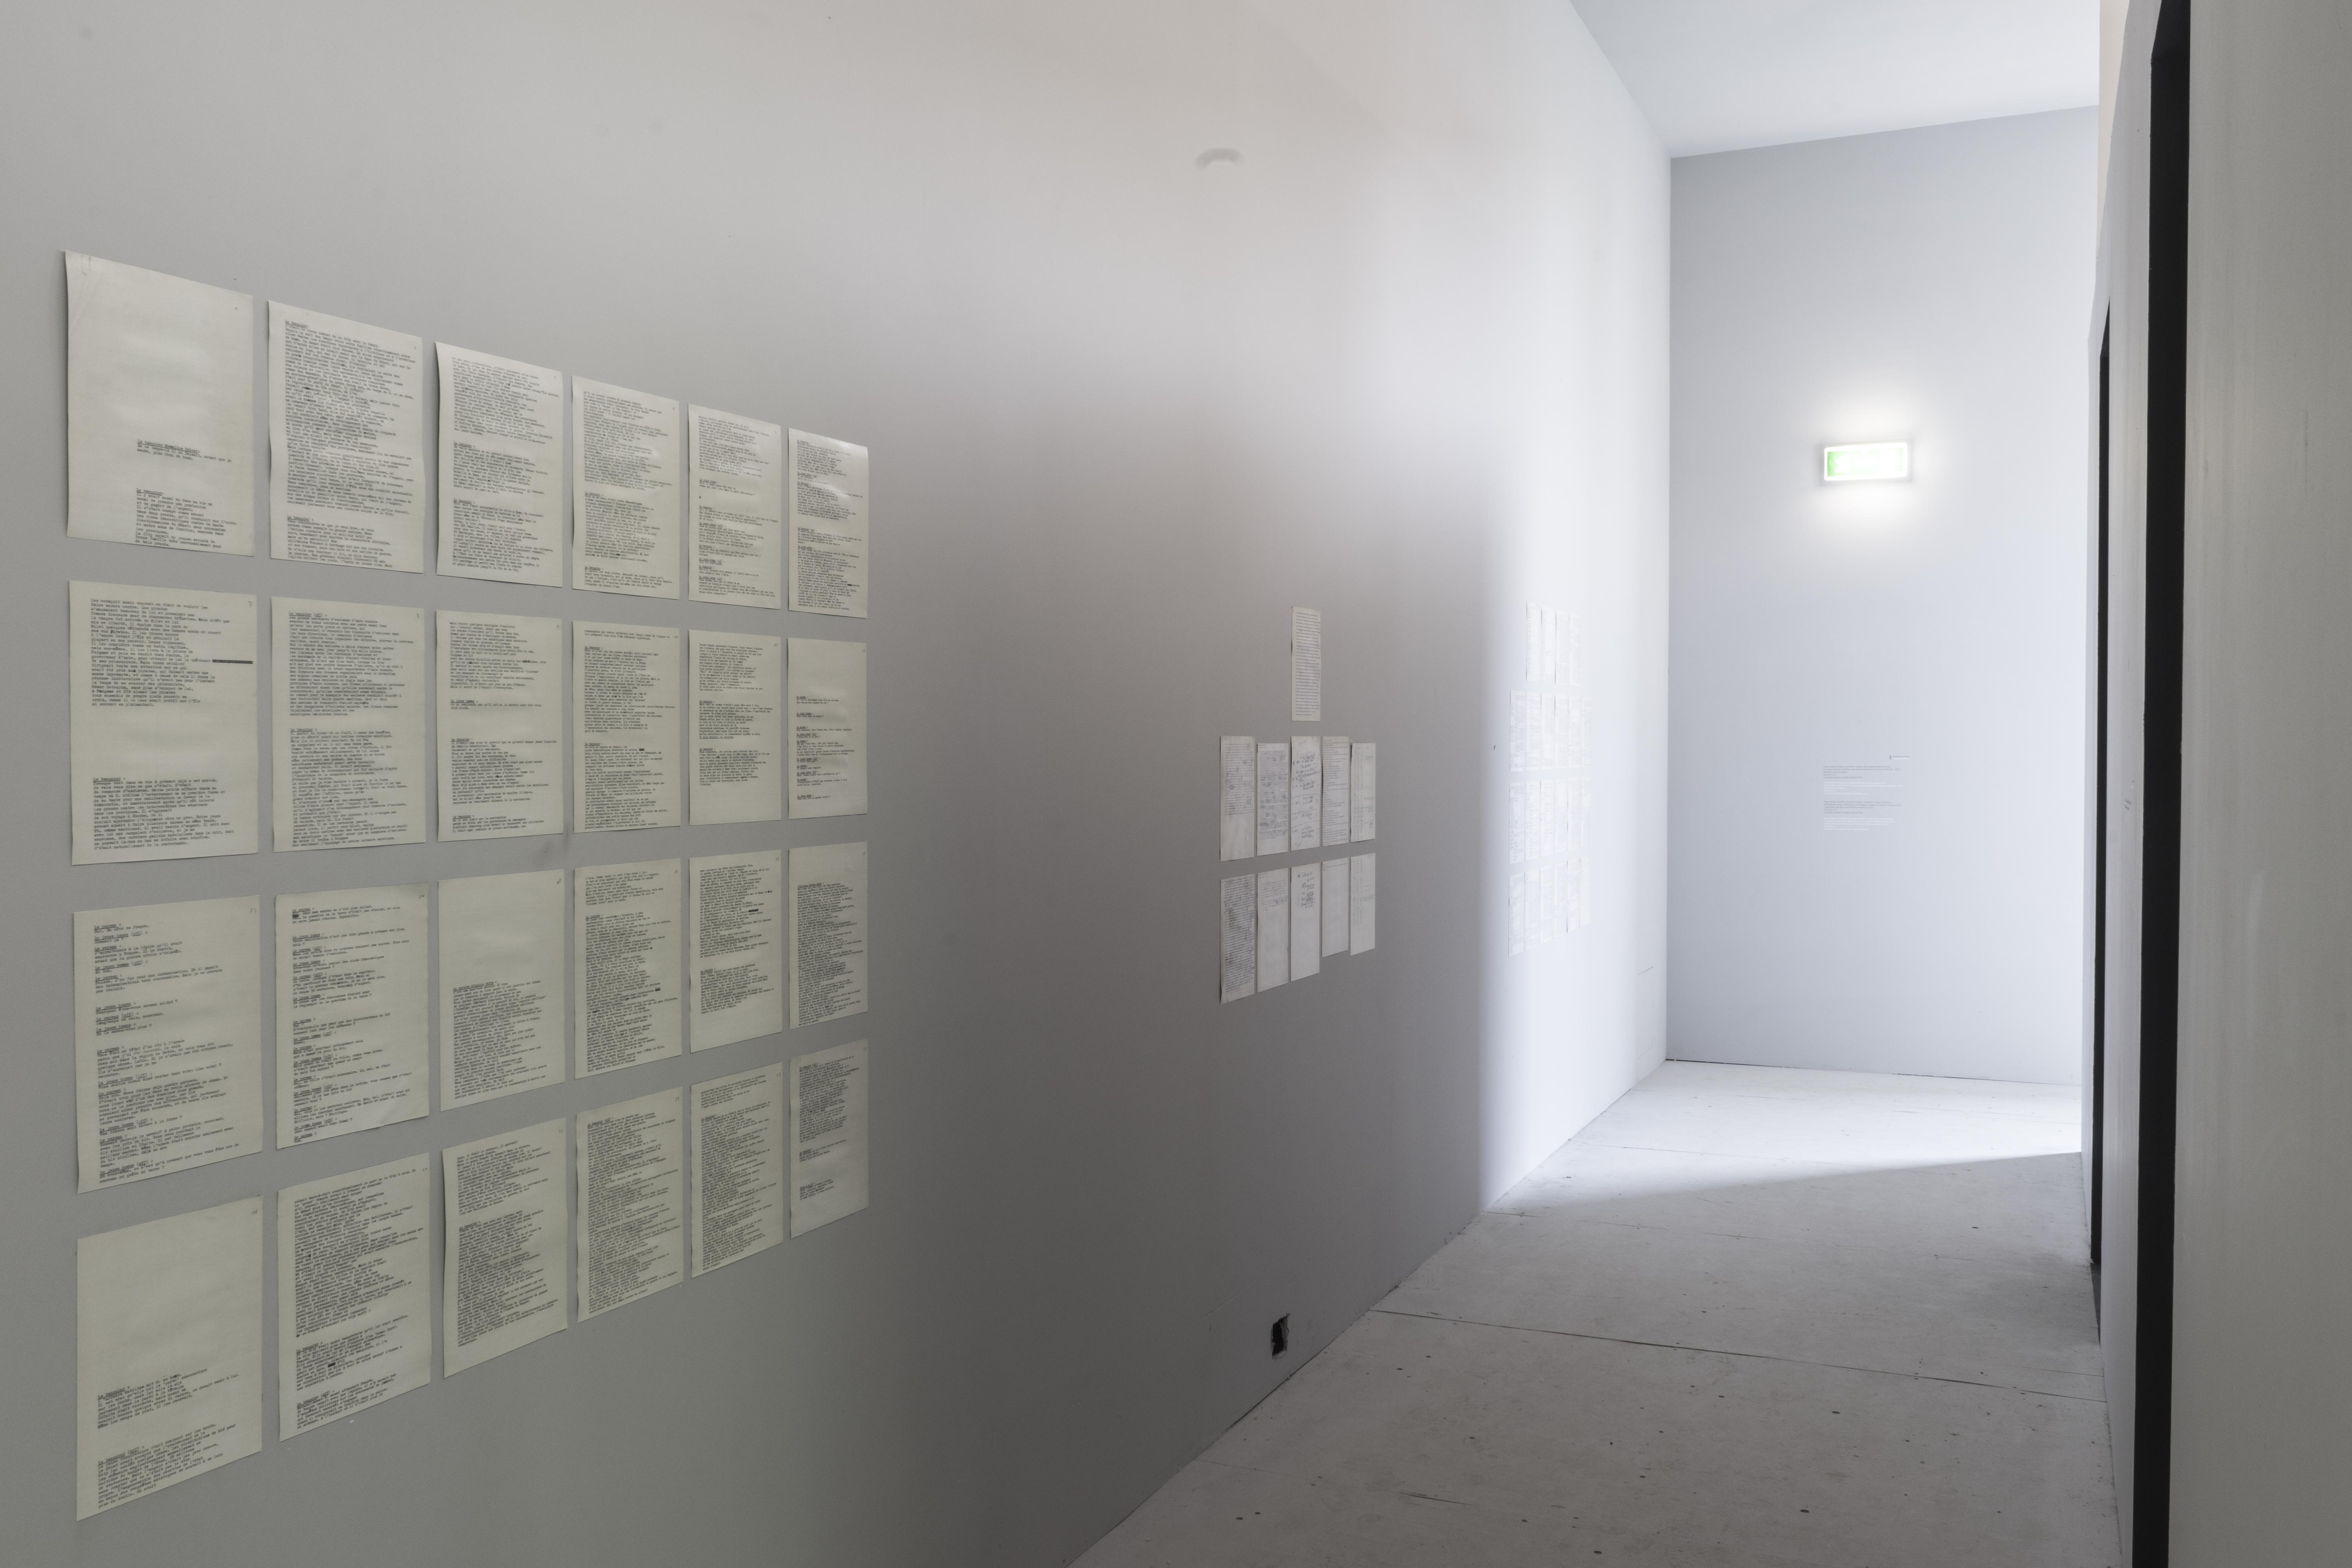 Straub_Biennale_Ambrosio 1.1-30